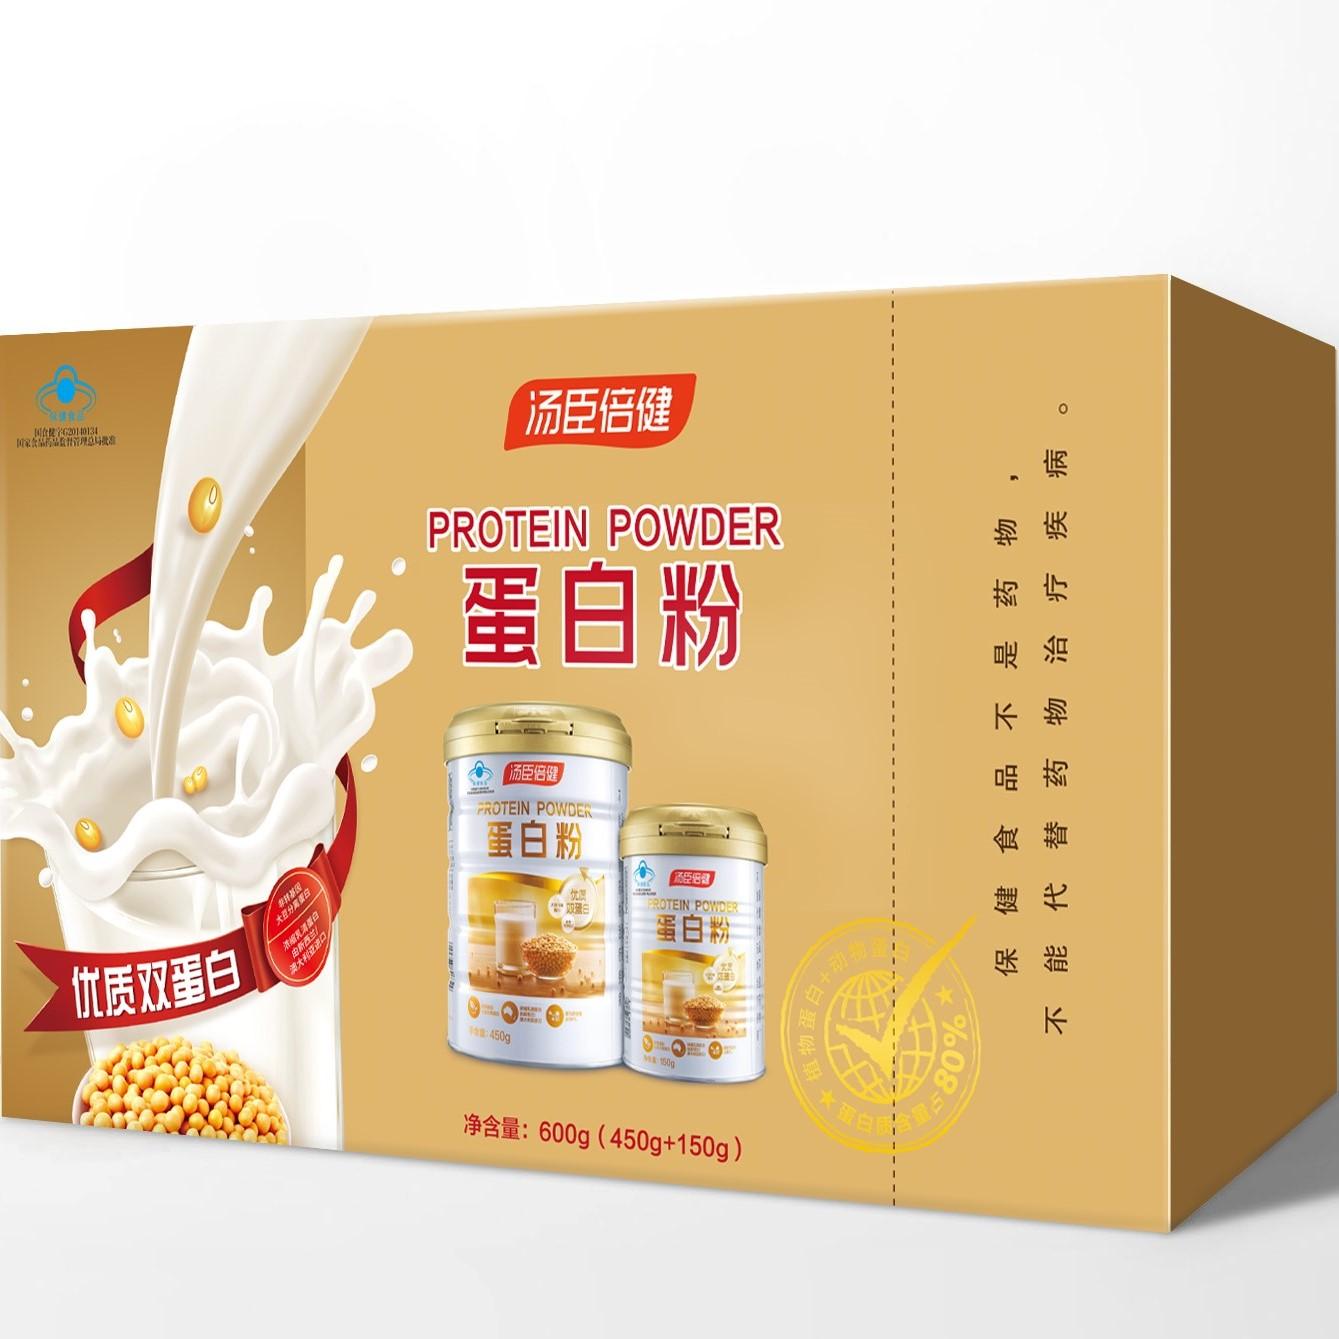 湯臣倍健湯臣倍健蛋白粉禮盒優惠裝(450g+150g)